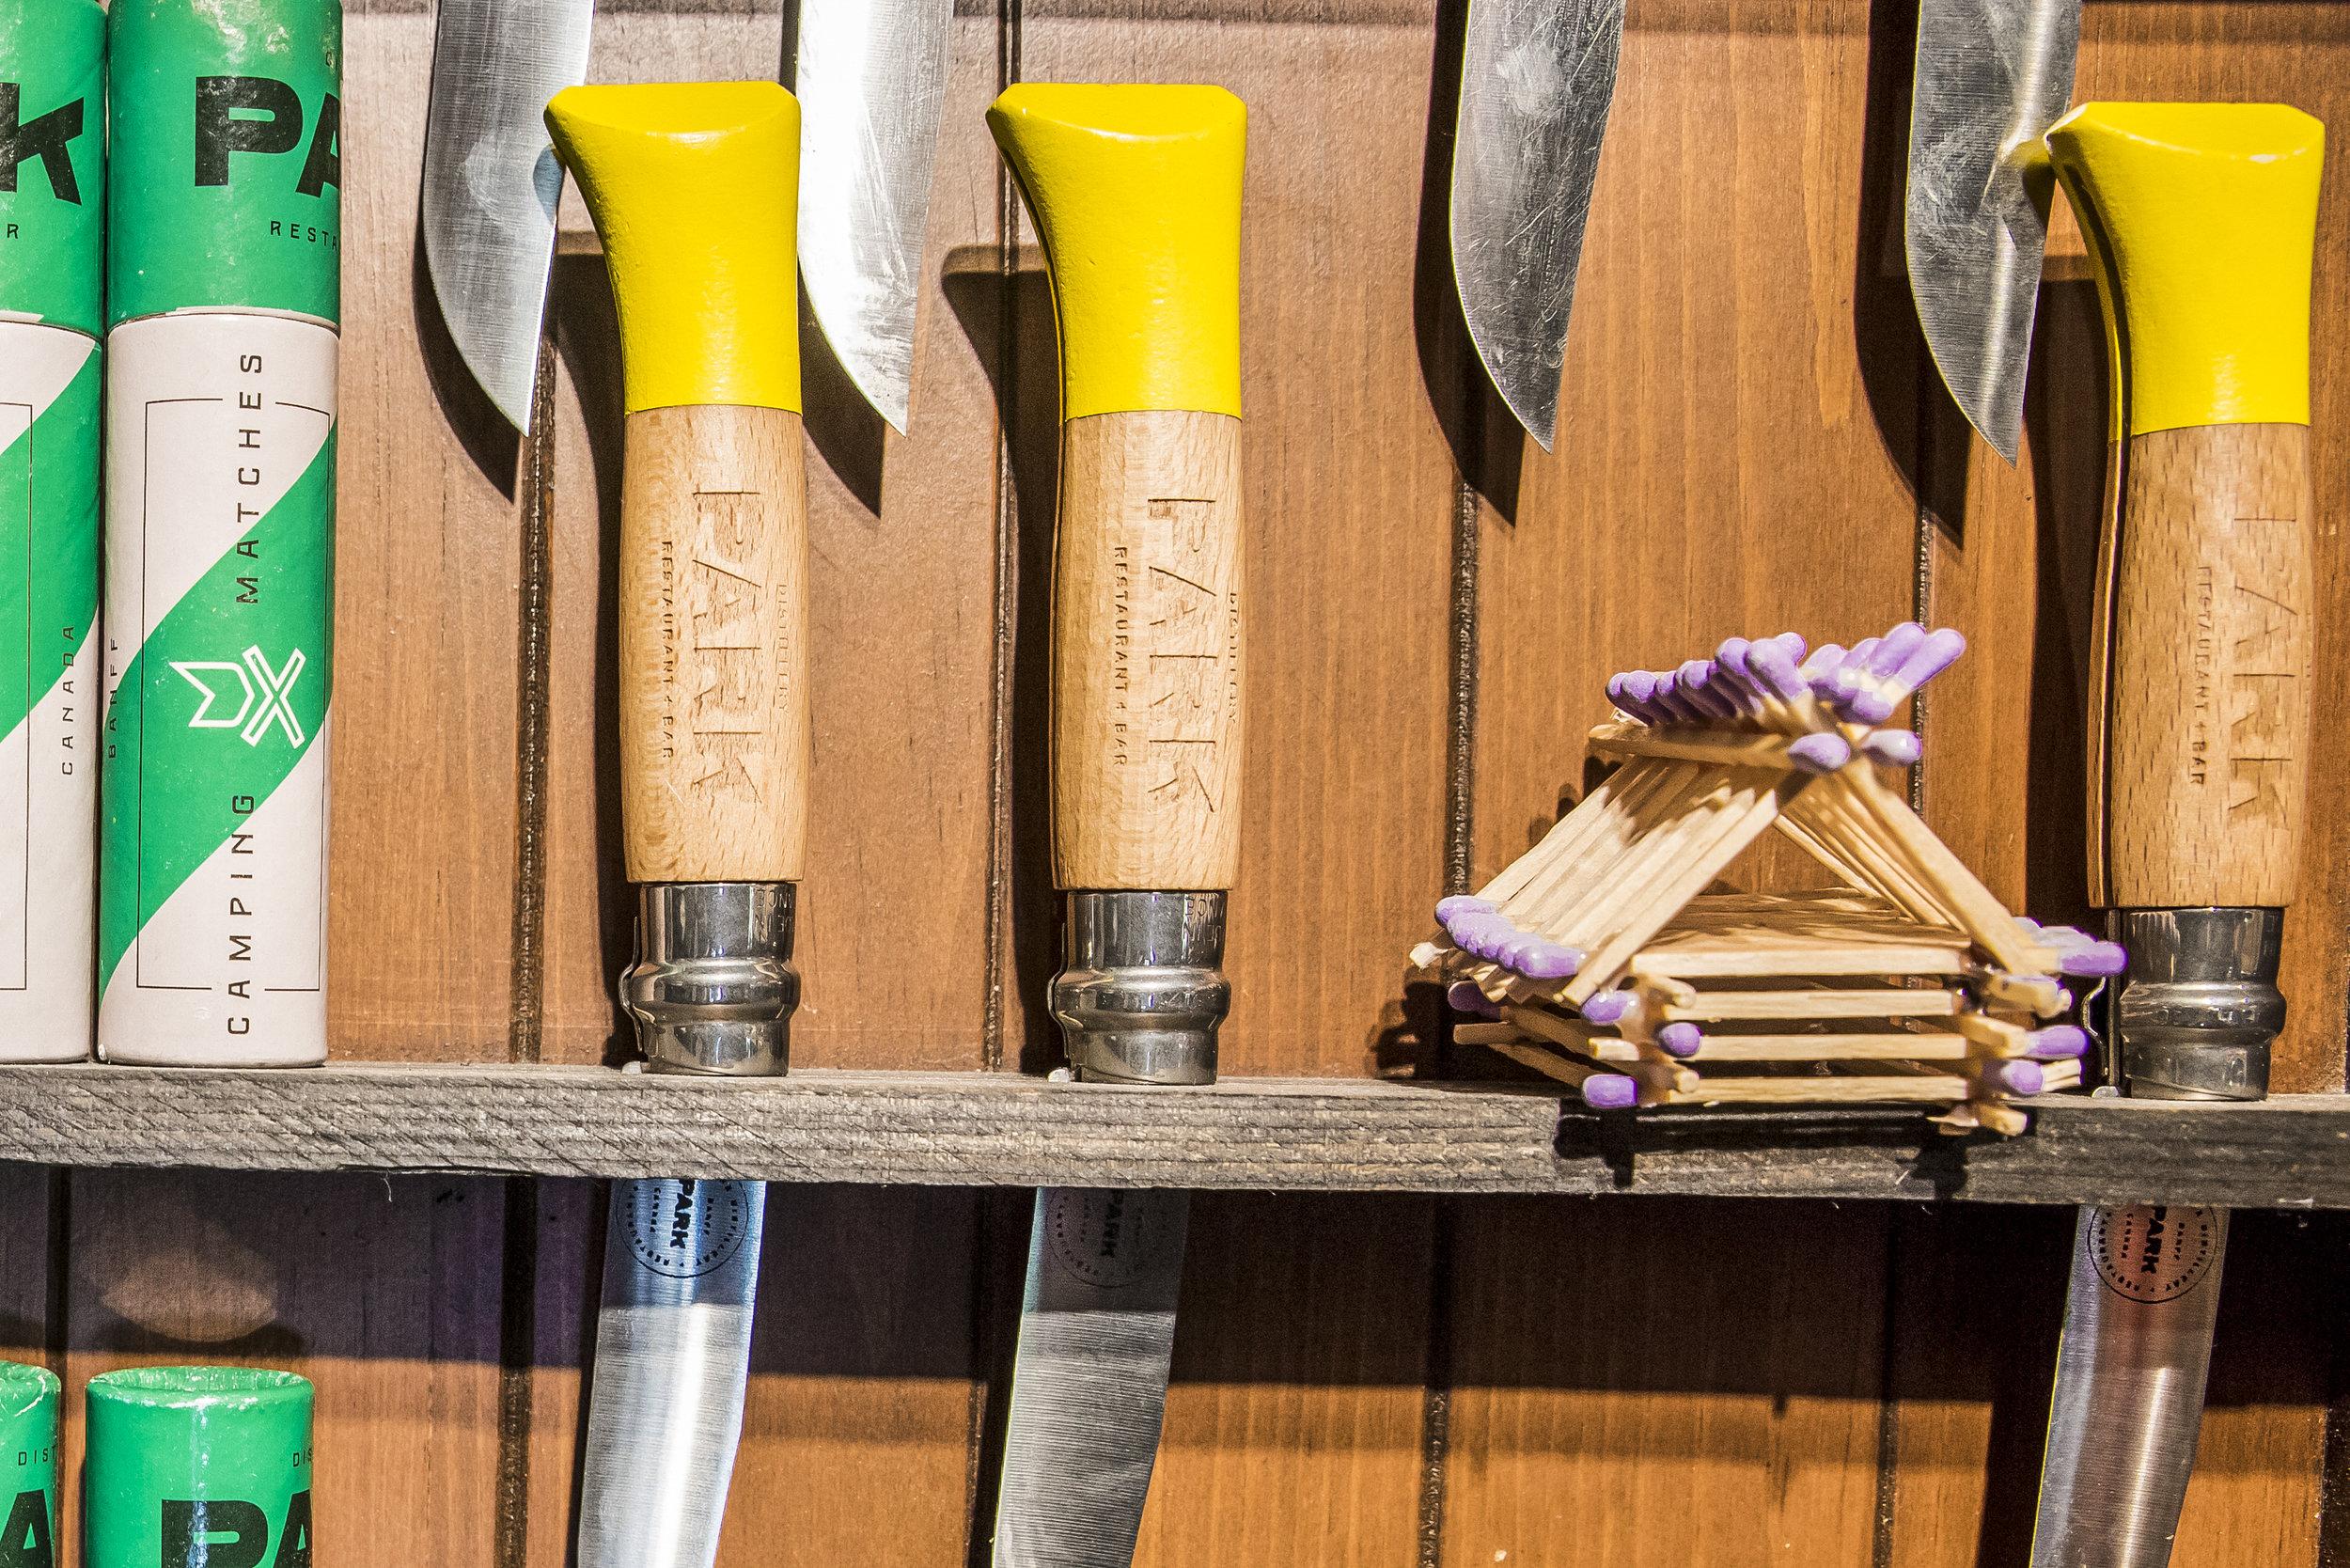 Park Distillery Hand made spirits shop